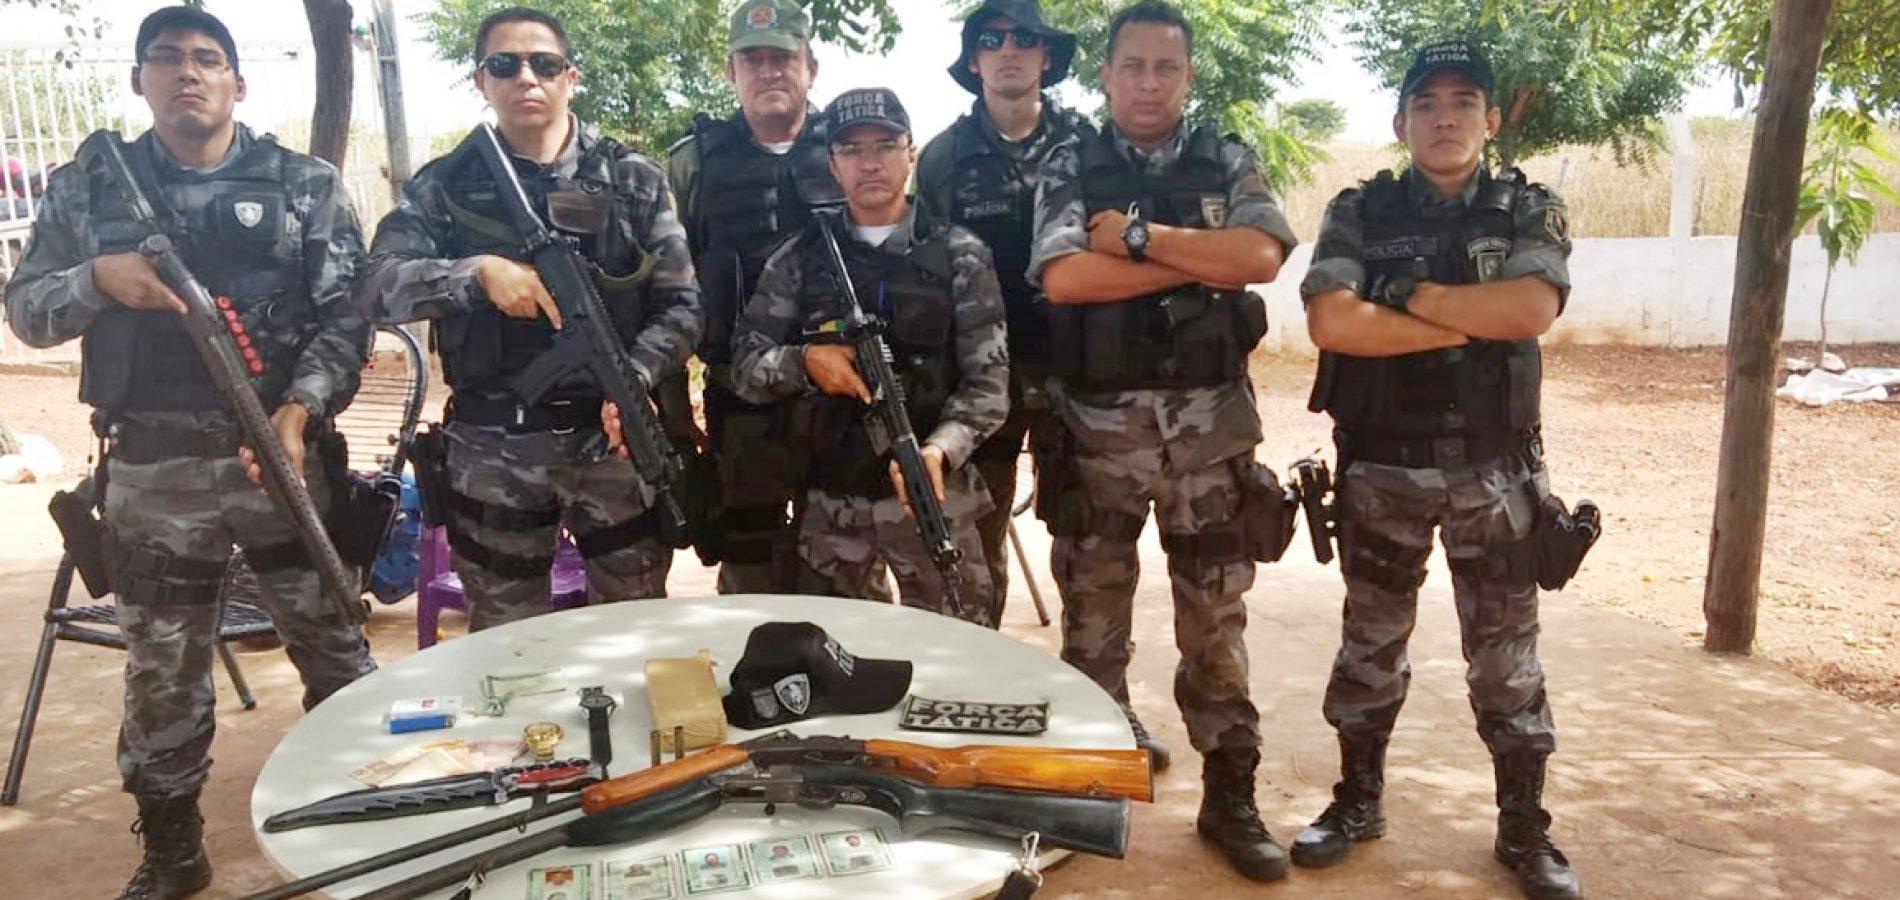 Operação prende cinco com armas e drogas em Campinas do Piauí